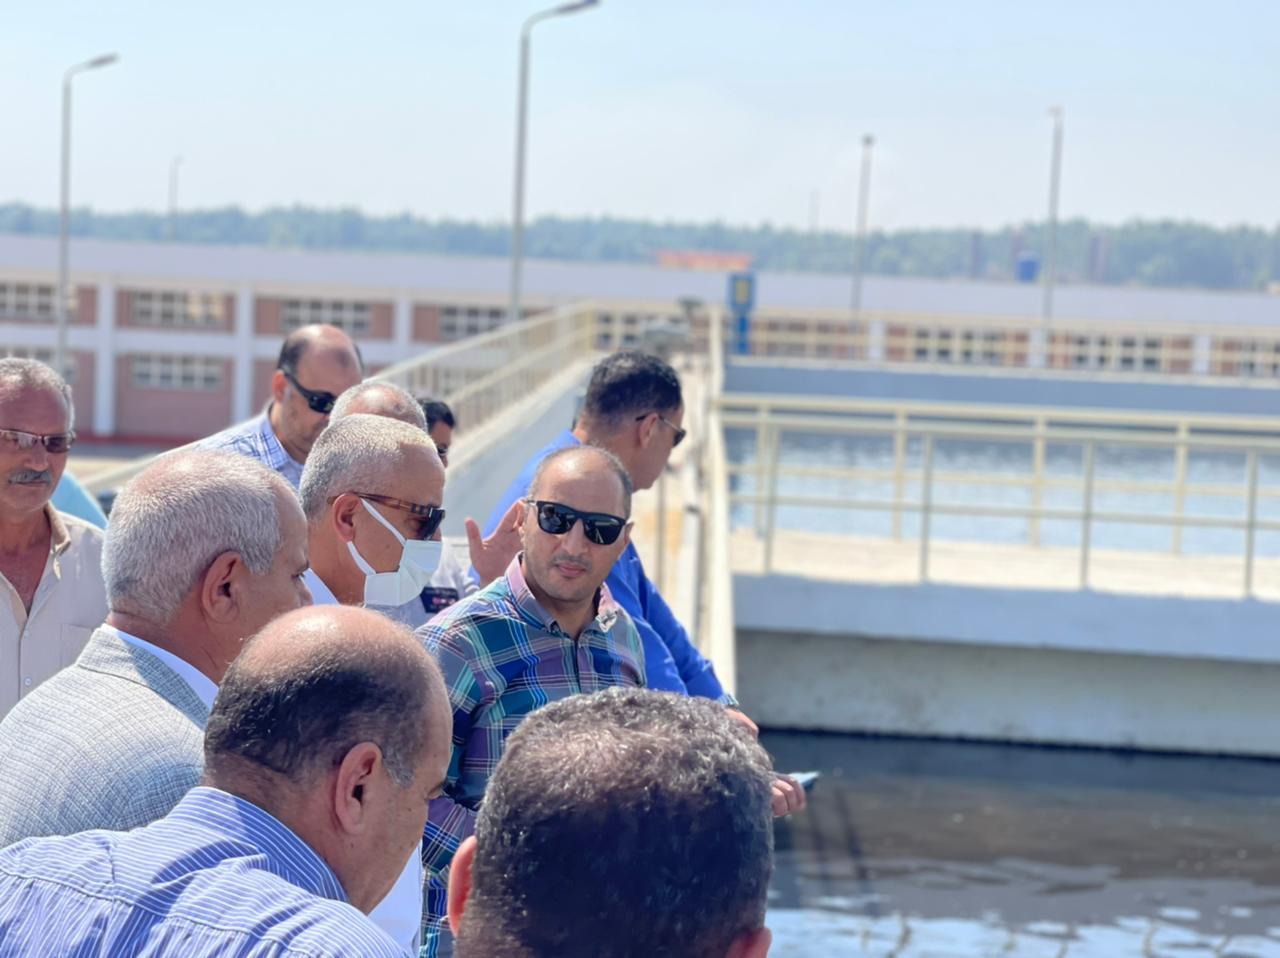 مسئولو  الإسكان  يتفقدون محطة معالجة صرف صحي بمدينة السادات